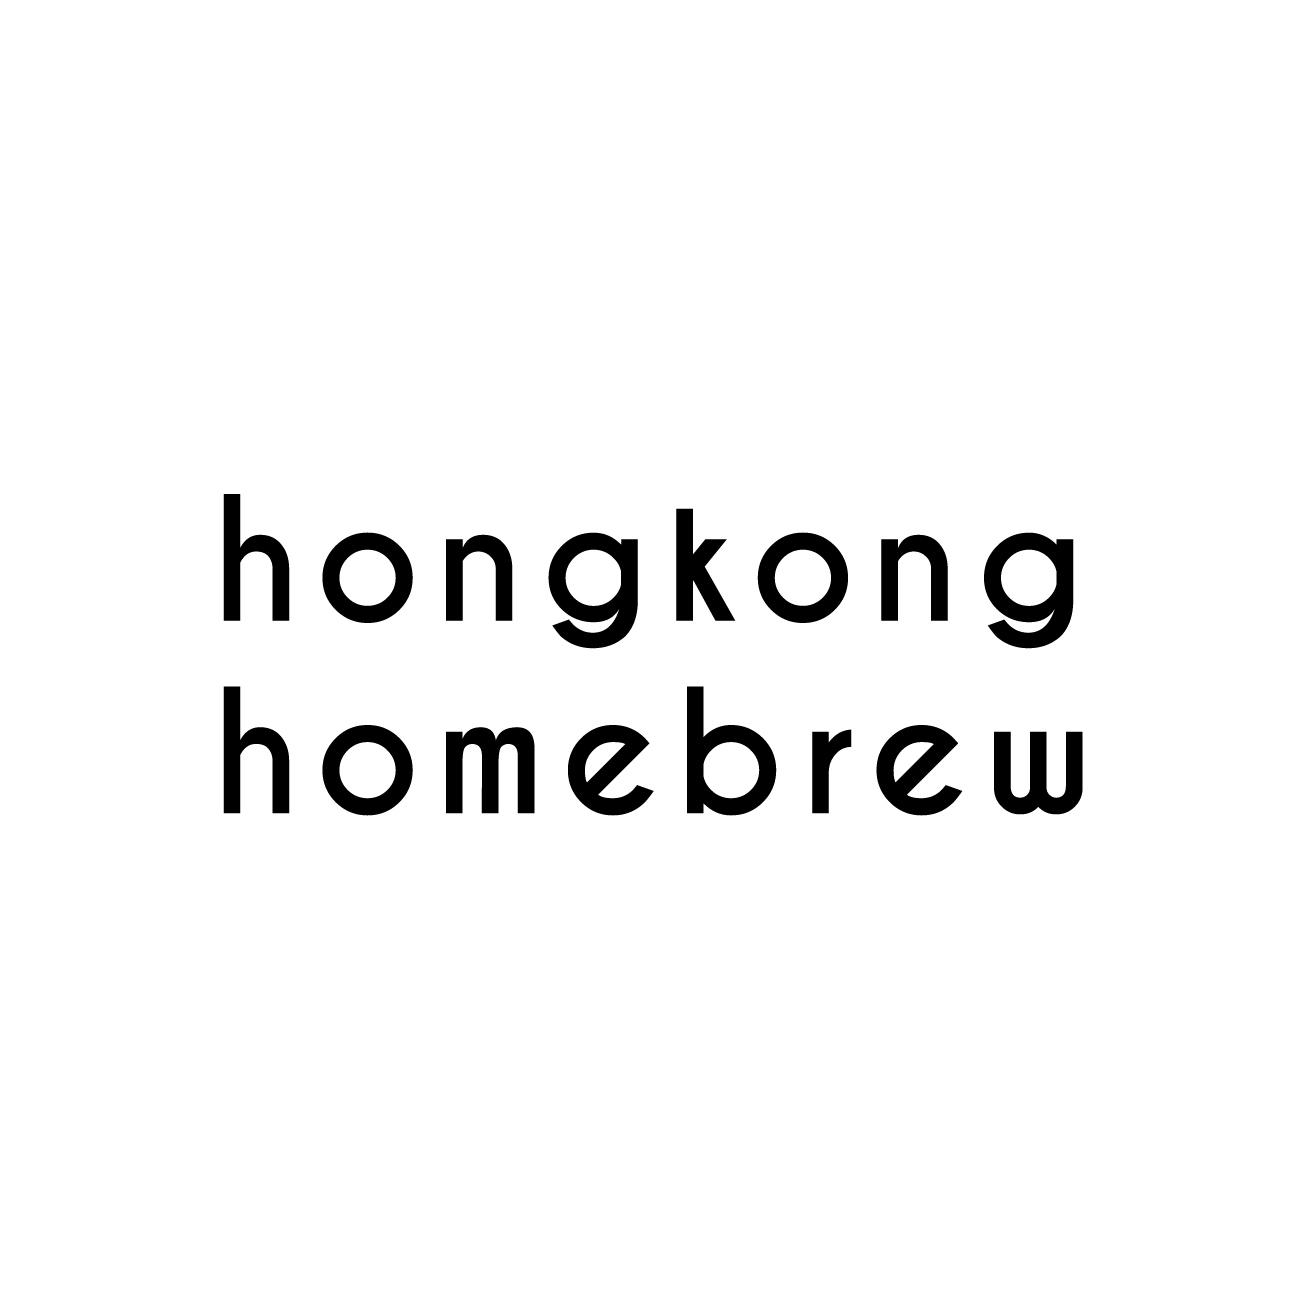 hongkong homebrew